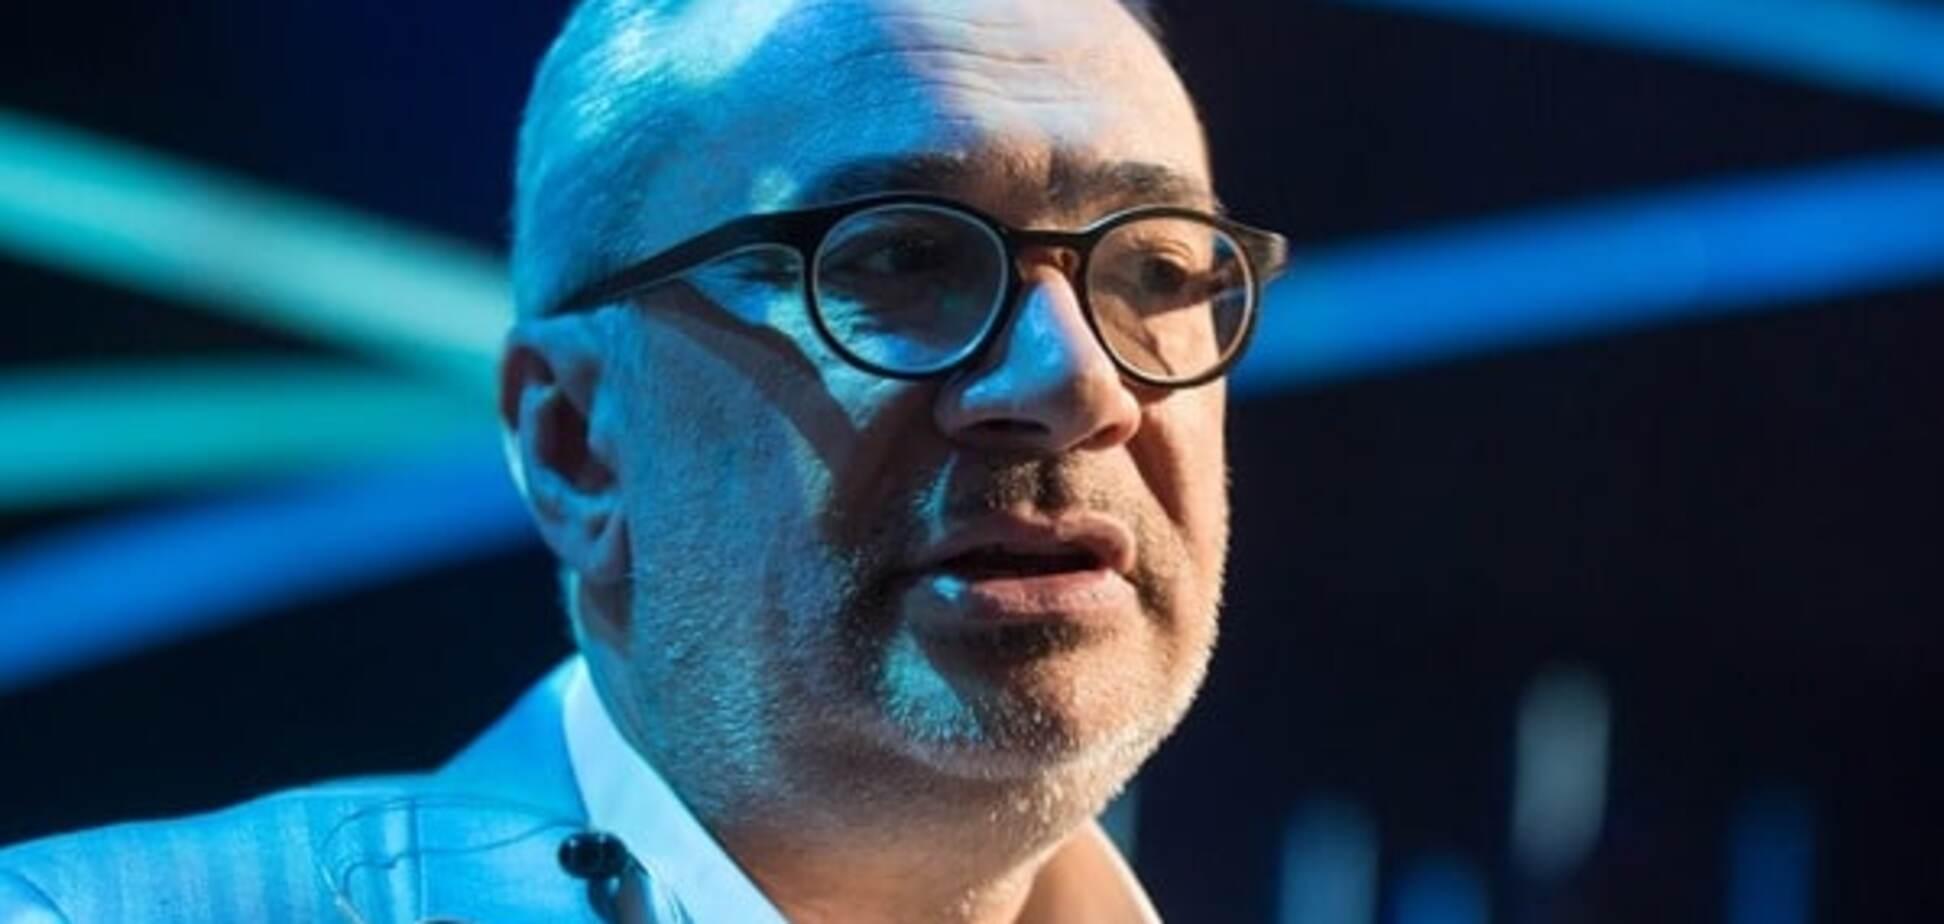 Бойкот Меладзе: почему продюсер славит 'Новороссию'